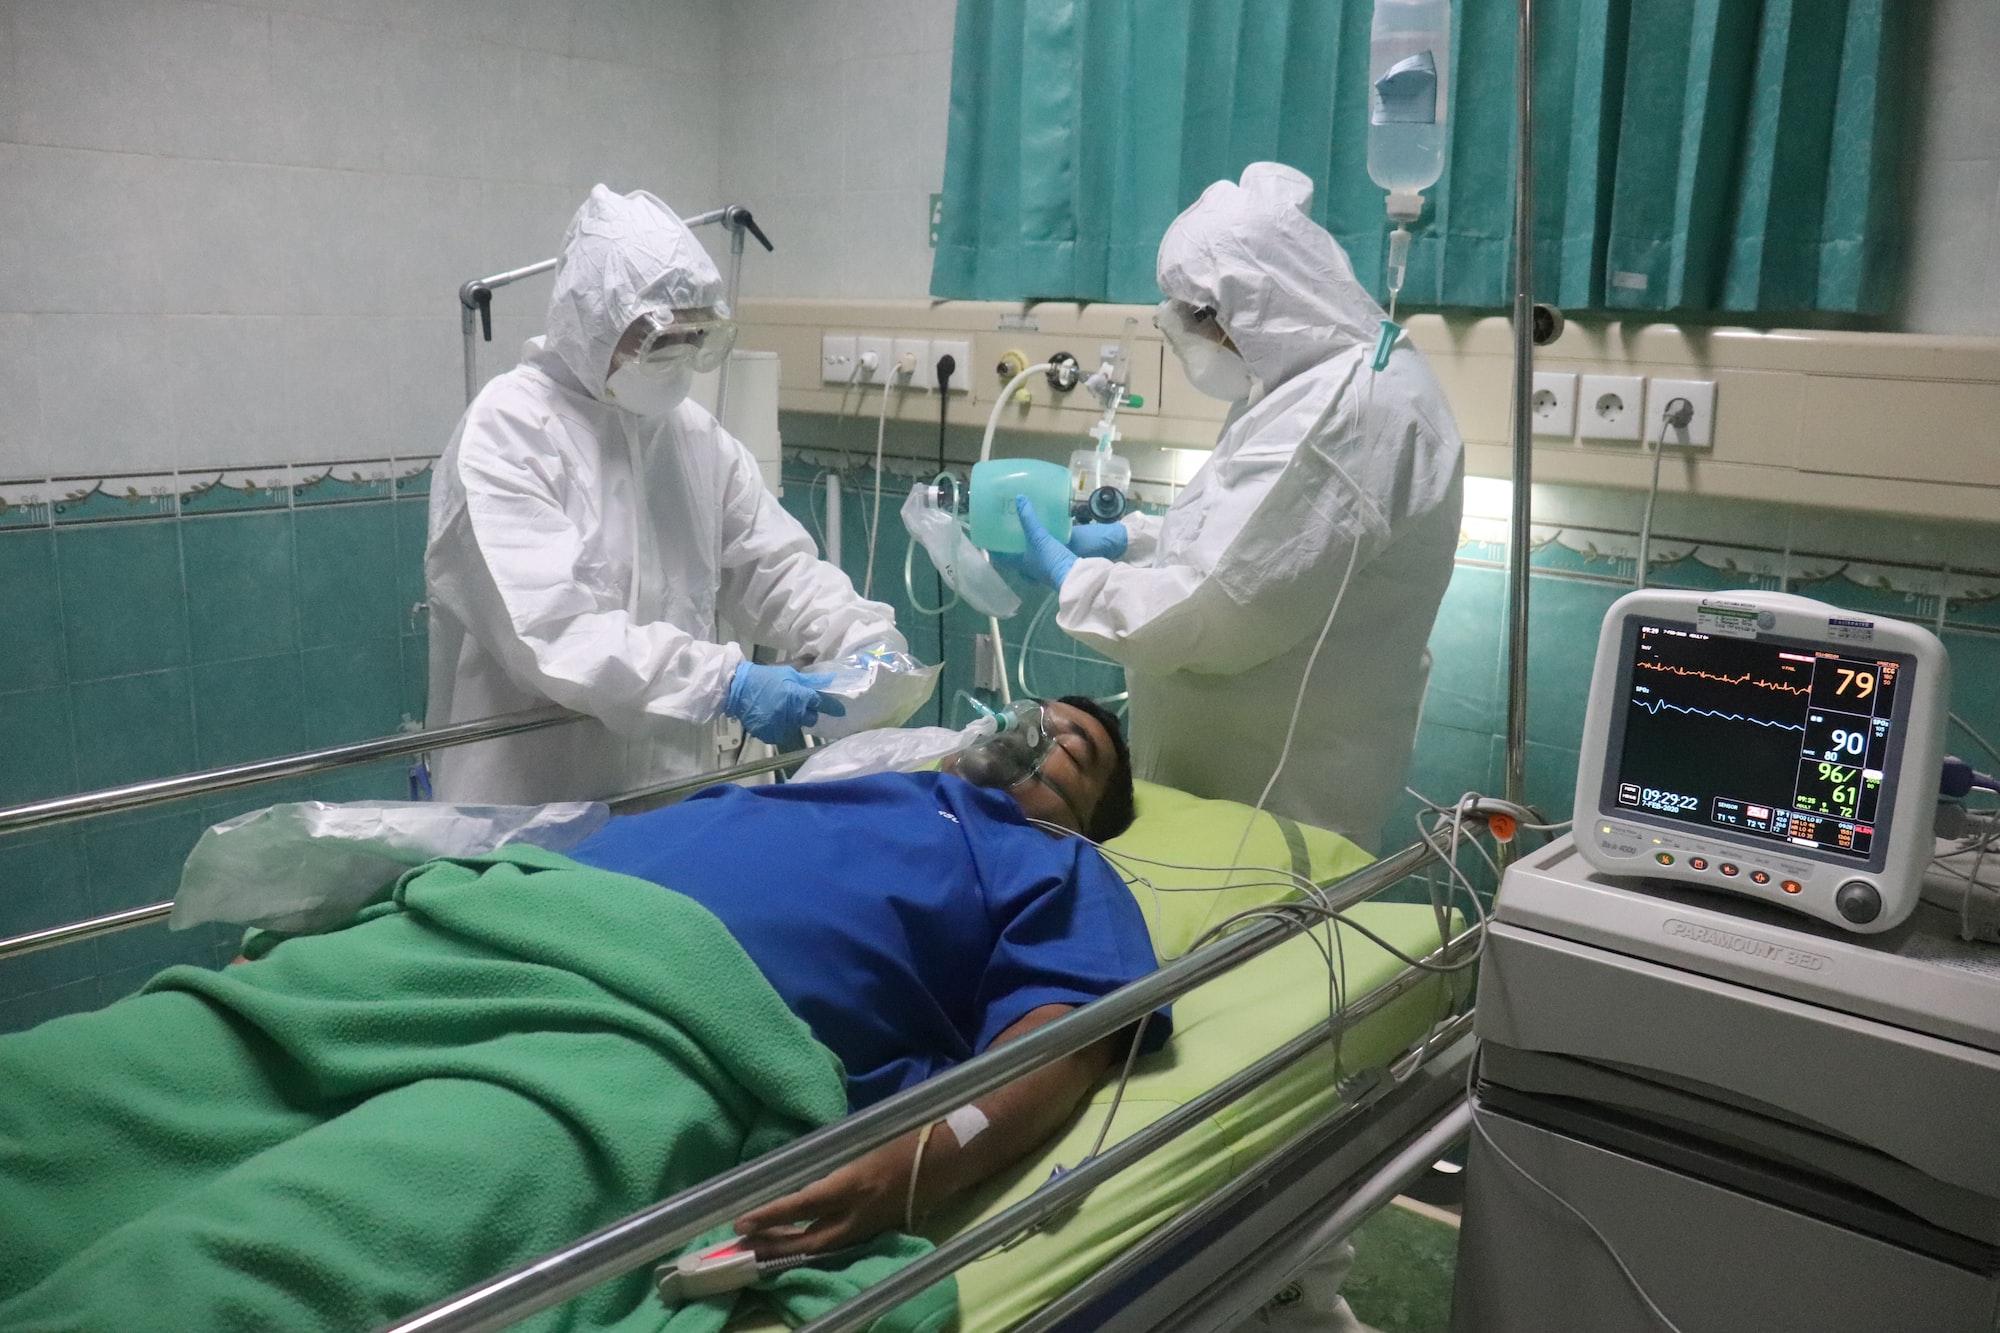 simulated covid-19 patients are in the ICU room   *) Gambar Pasien adalah model, bukan pasien yg sebenarnya. karena ini saat simulasi penanganan covid-19